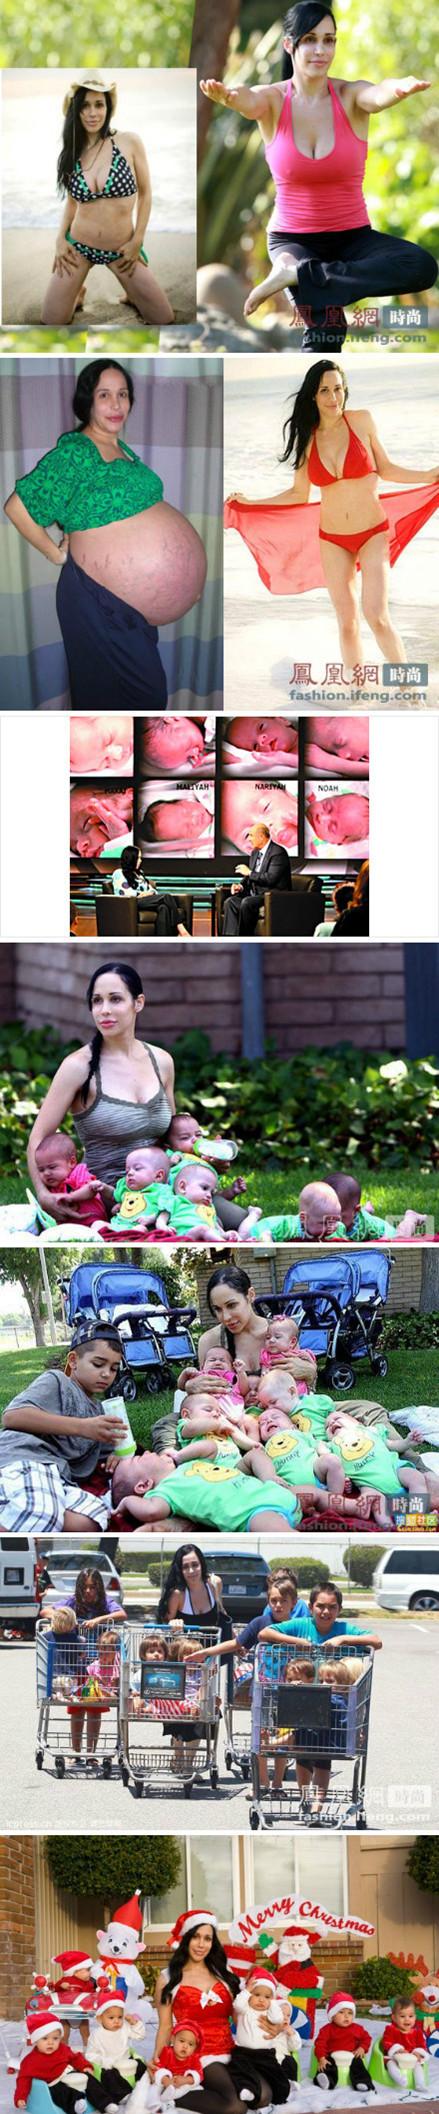 八胞胎妈妈――――-纳迪娅-苏尔曼是全世界都在关注的一位母亲